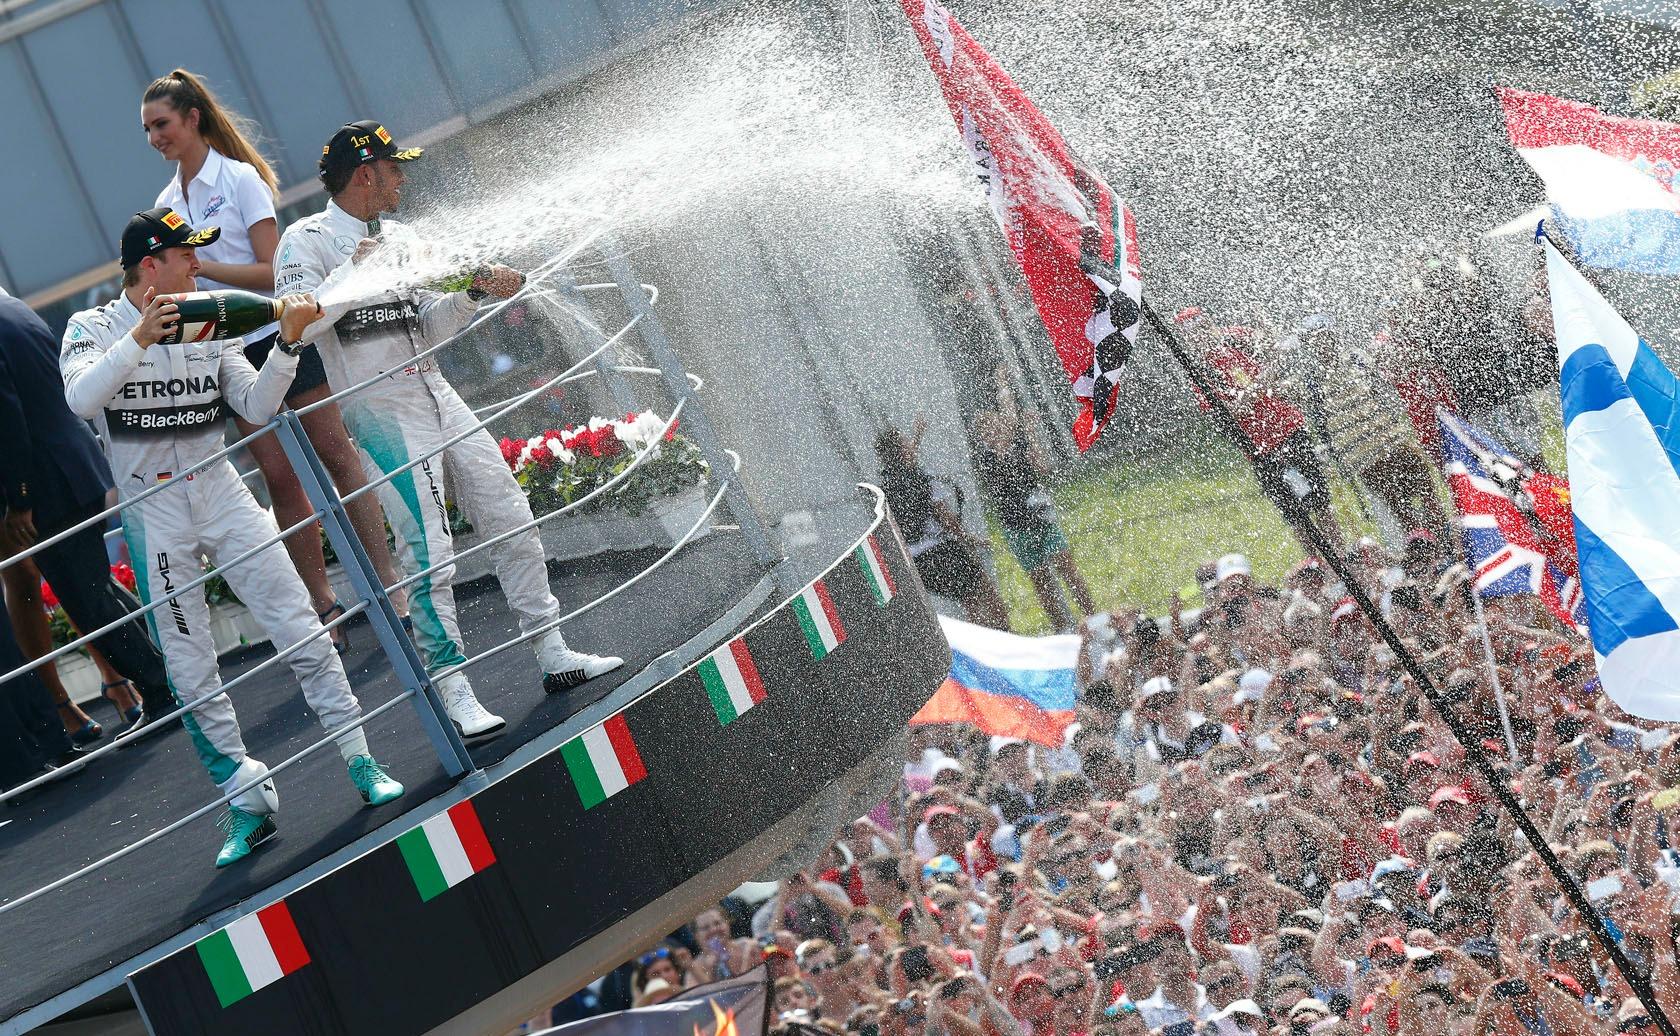 Vitória de Lewis Hamilton parece ter amenizado o clima na Mercedes.